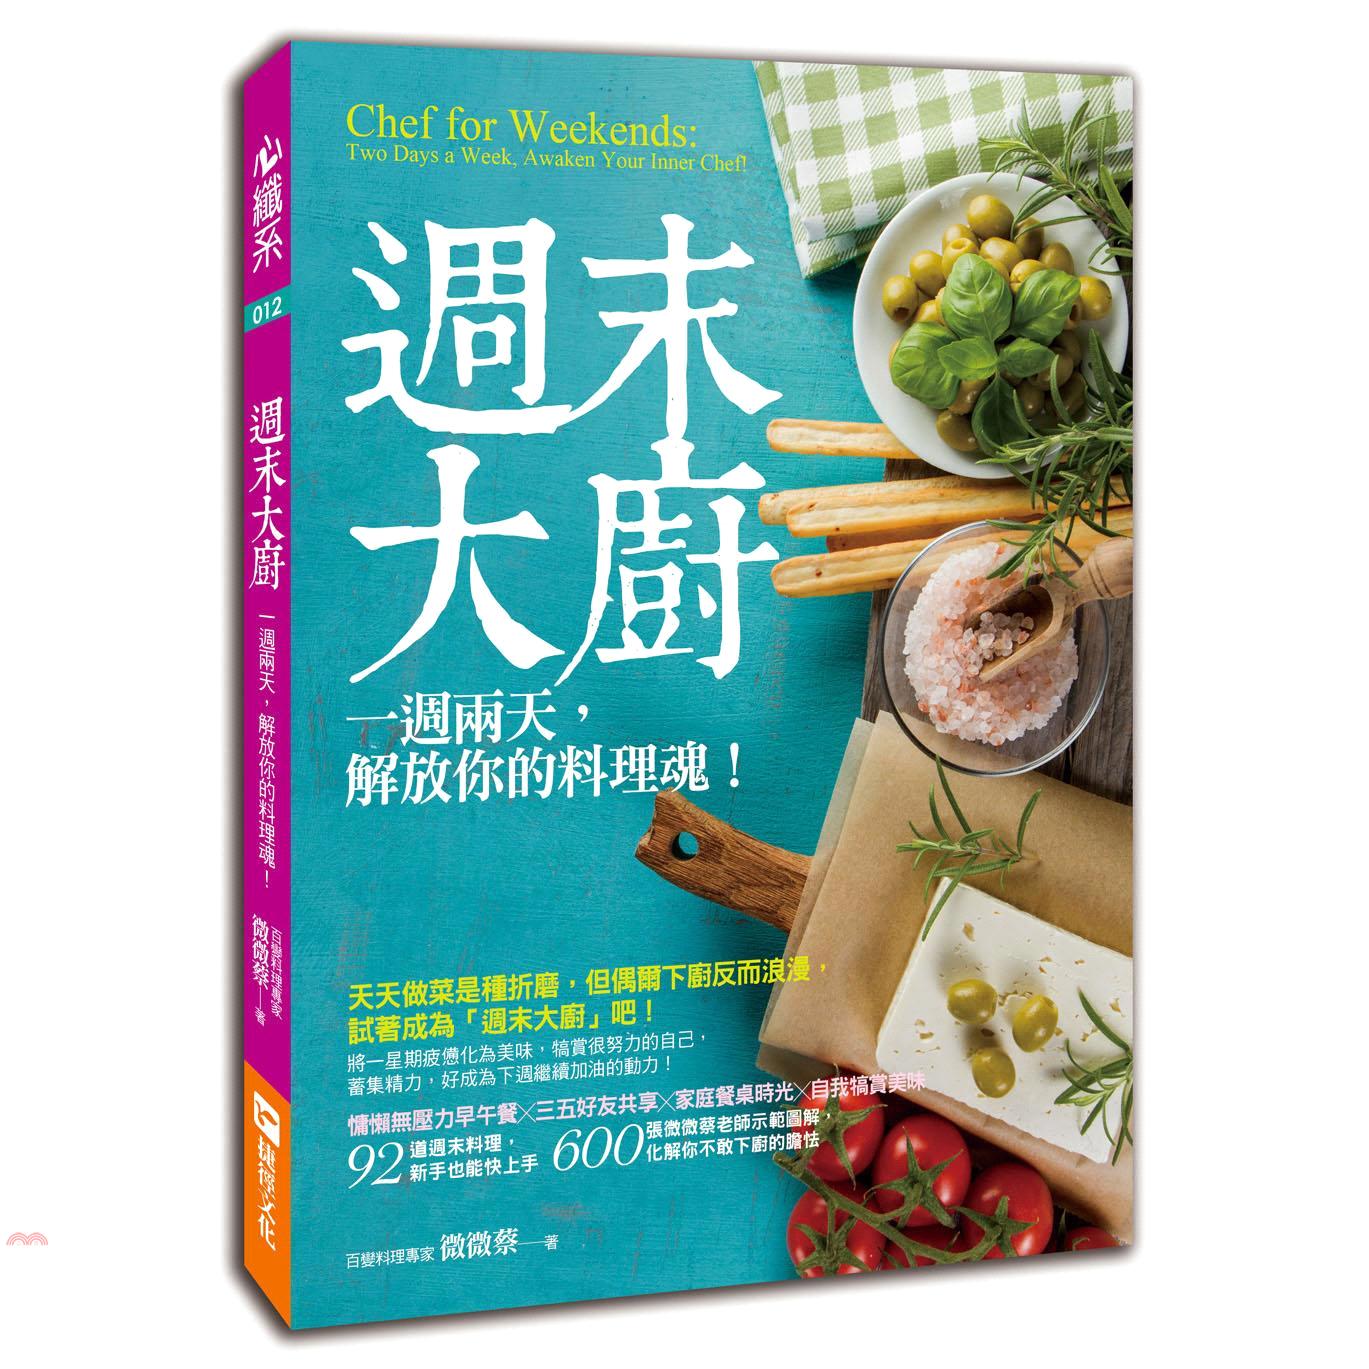 《捷徑文化》週末大廚:一週兩天,解放你的料理魂![9折]